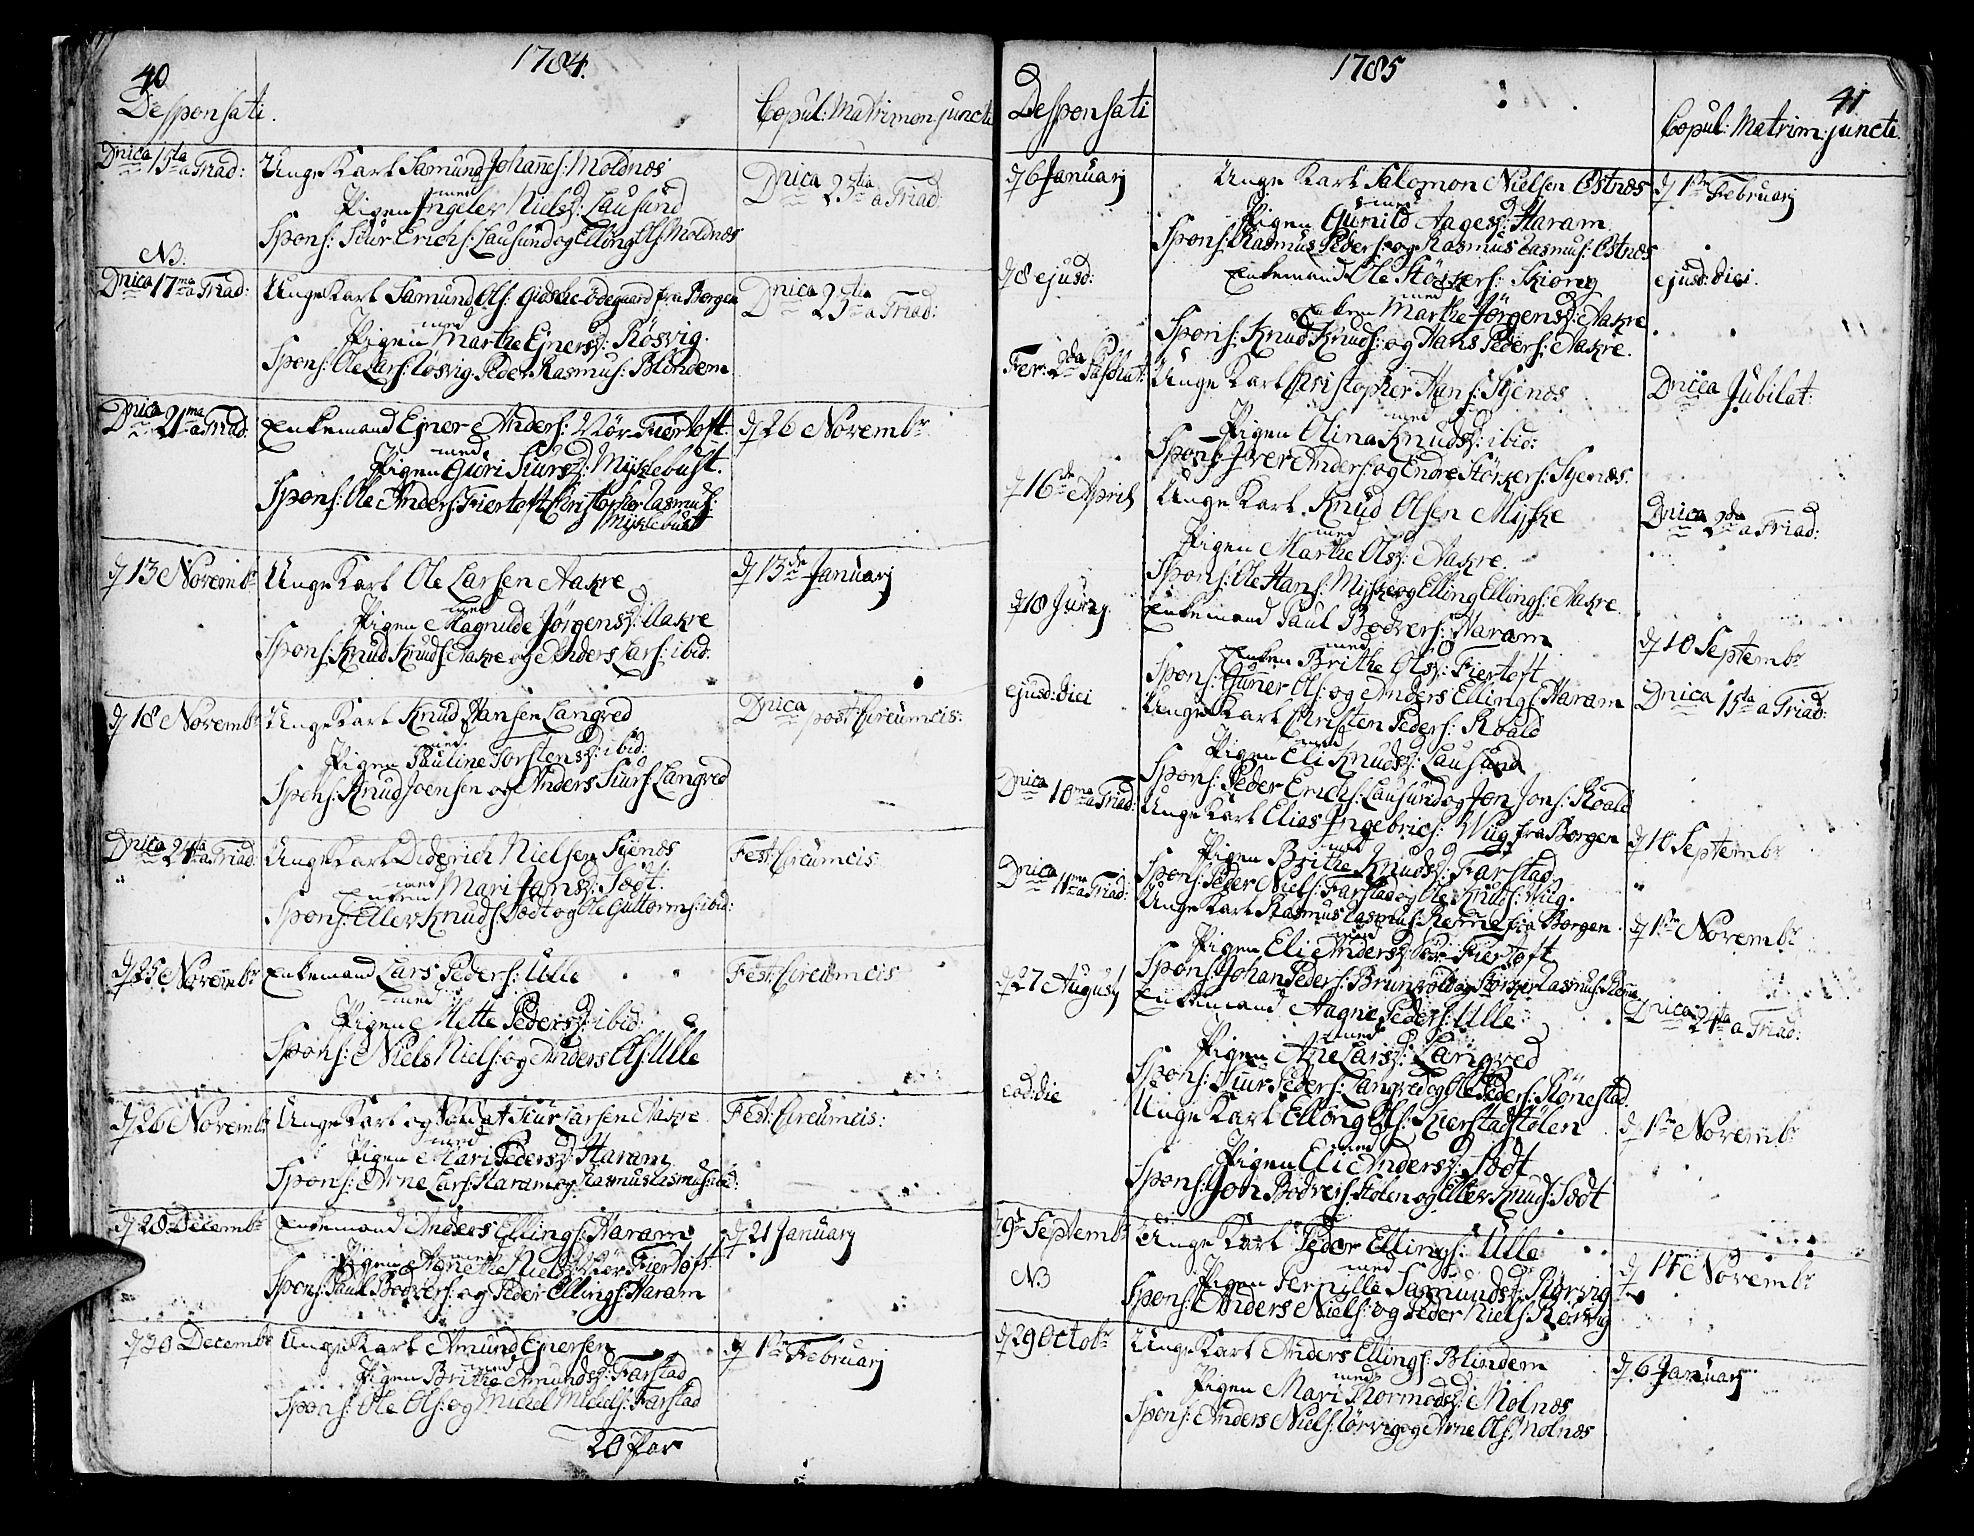 SAT, Ministerialprotokoller, klokkerbøker og fødselsregistre - Møre og Romsdal, 536/L0493: Ministerialbok nr. 536A02, 1739-1802, s. 40-41